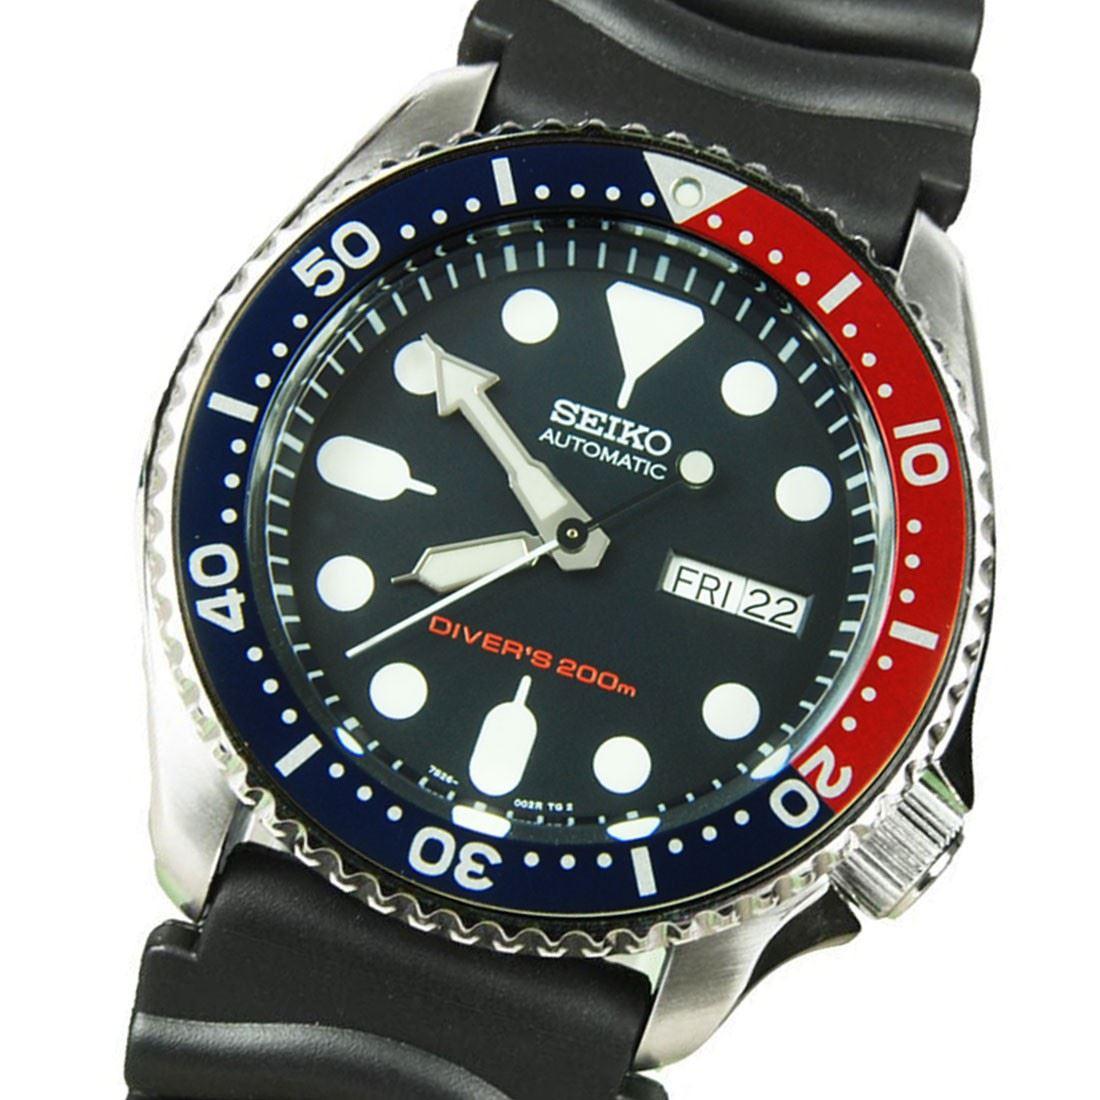 TOP-SELLING-Seiko-SKX009-SKX009J1-SKX009J2-SKX009K1-SKX009K2-Pepsi-Dive-Watch thumbnail 22